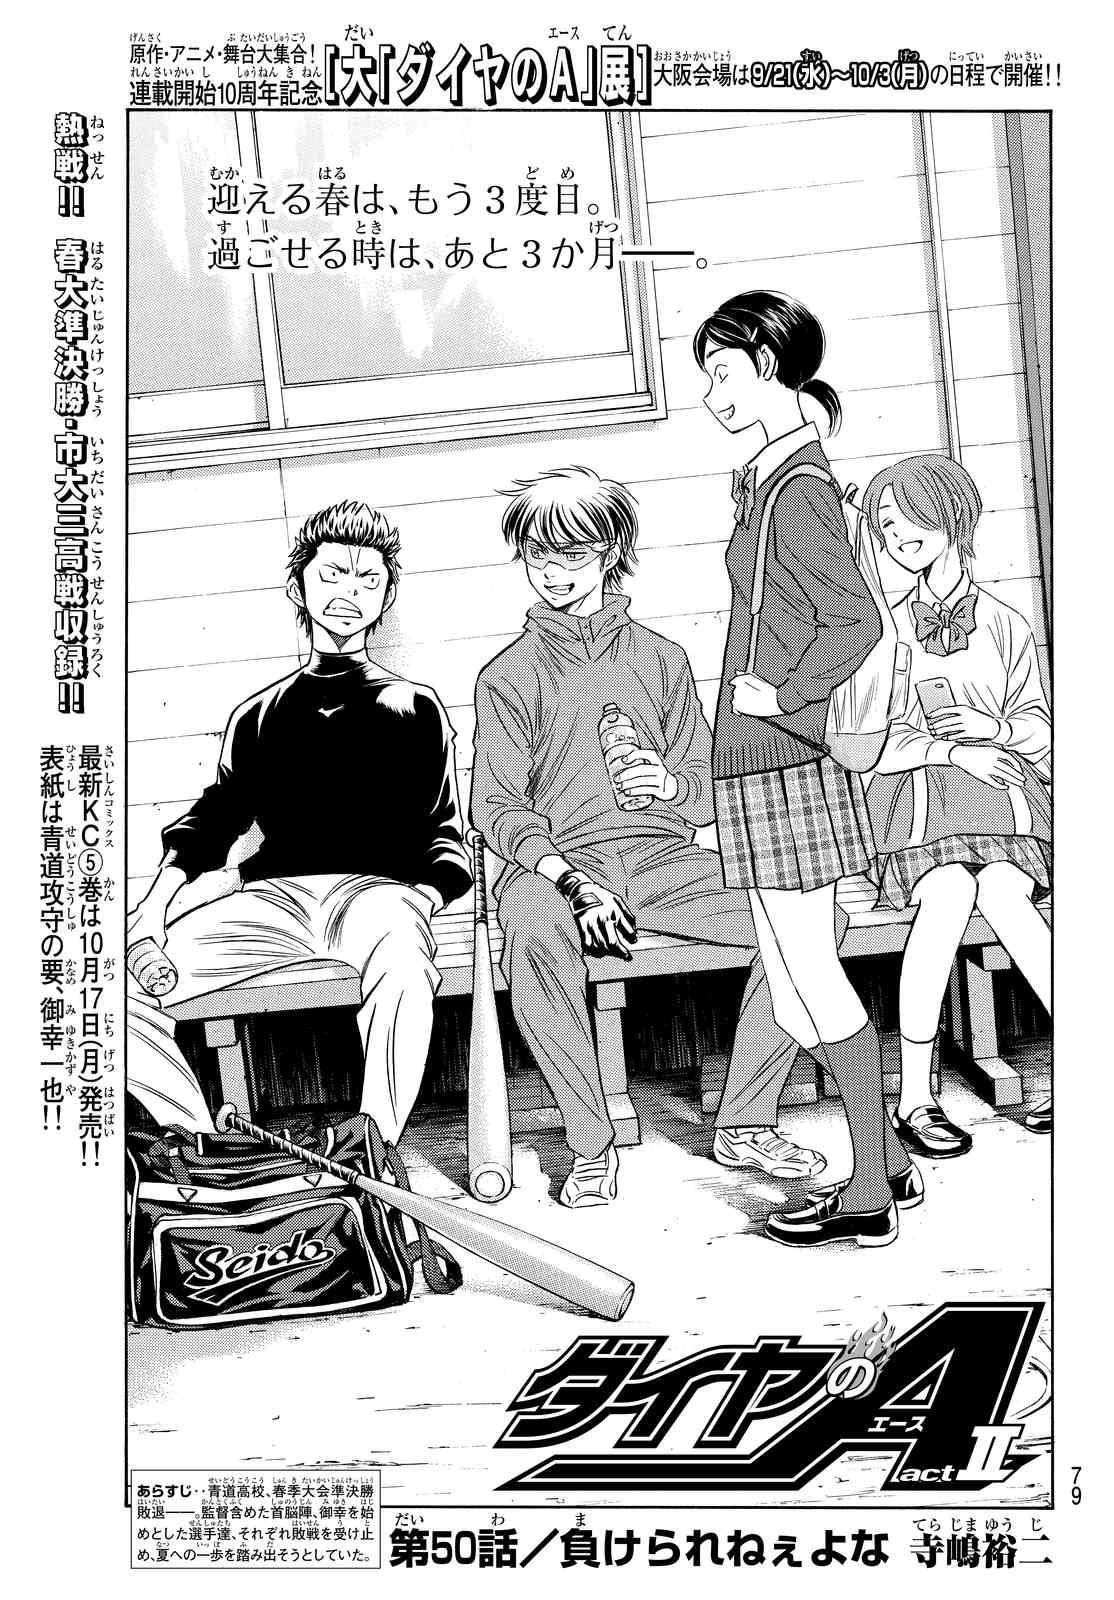 Daiya no A Act II - Chapter 050 - Page 1